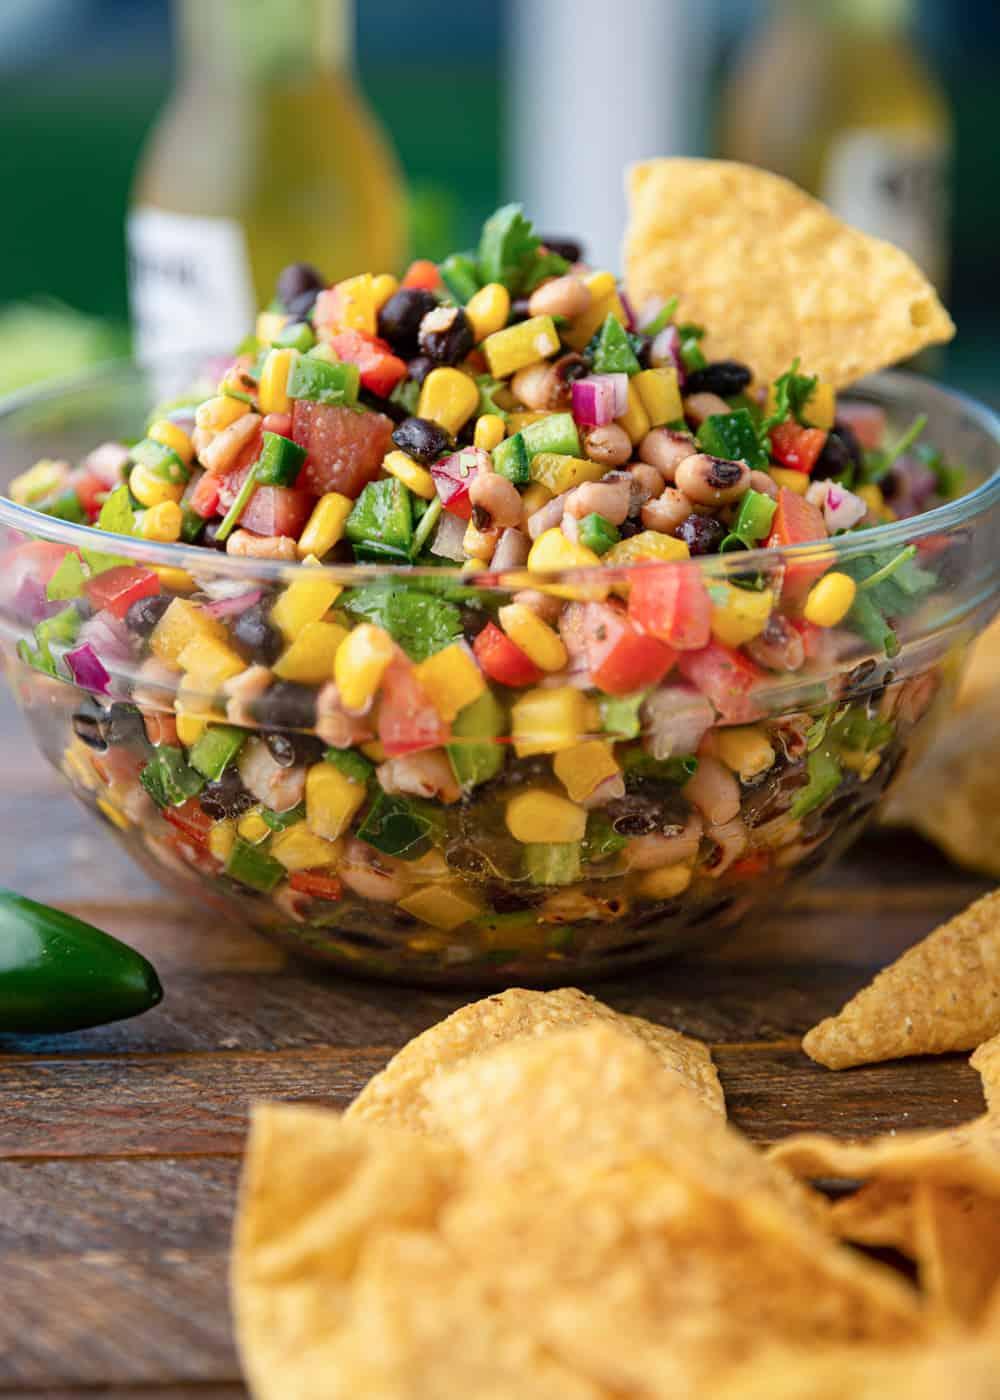 bowl of Cowboy Caviar